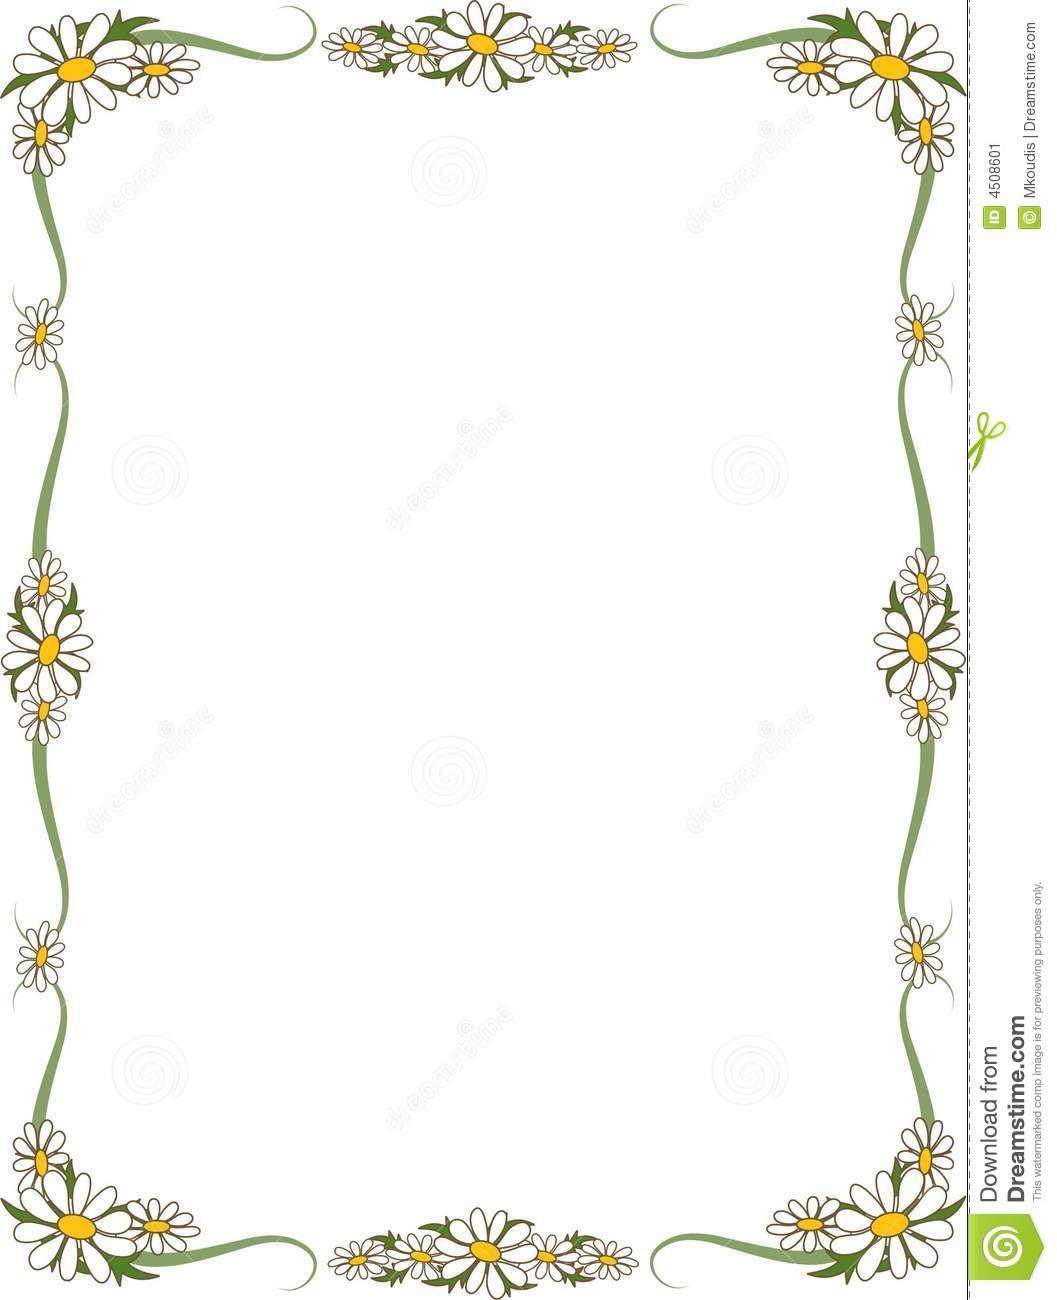 Daisy border clipart freeuse stock Image result for daisy borders images | Things for Mark ... freeuse stock